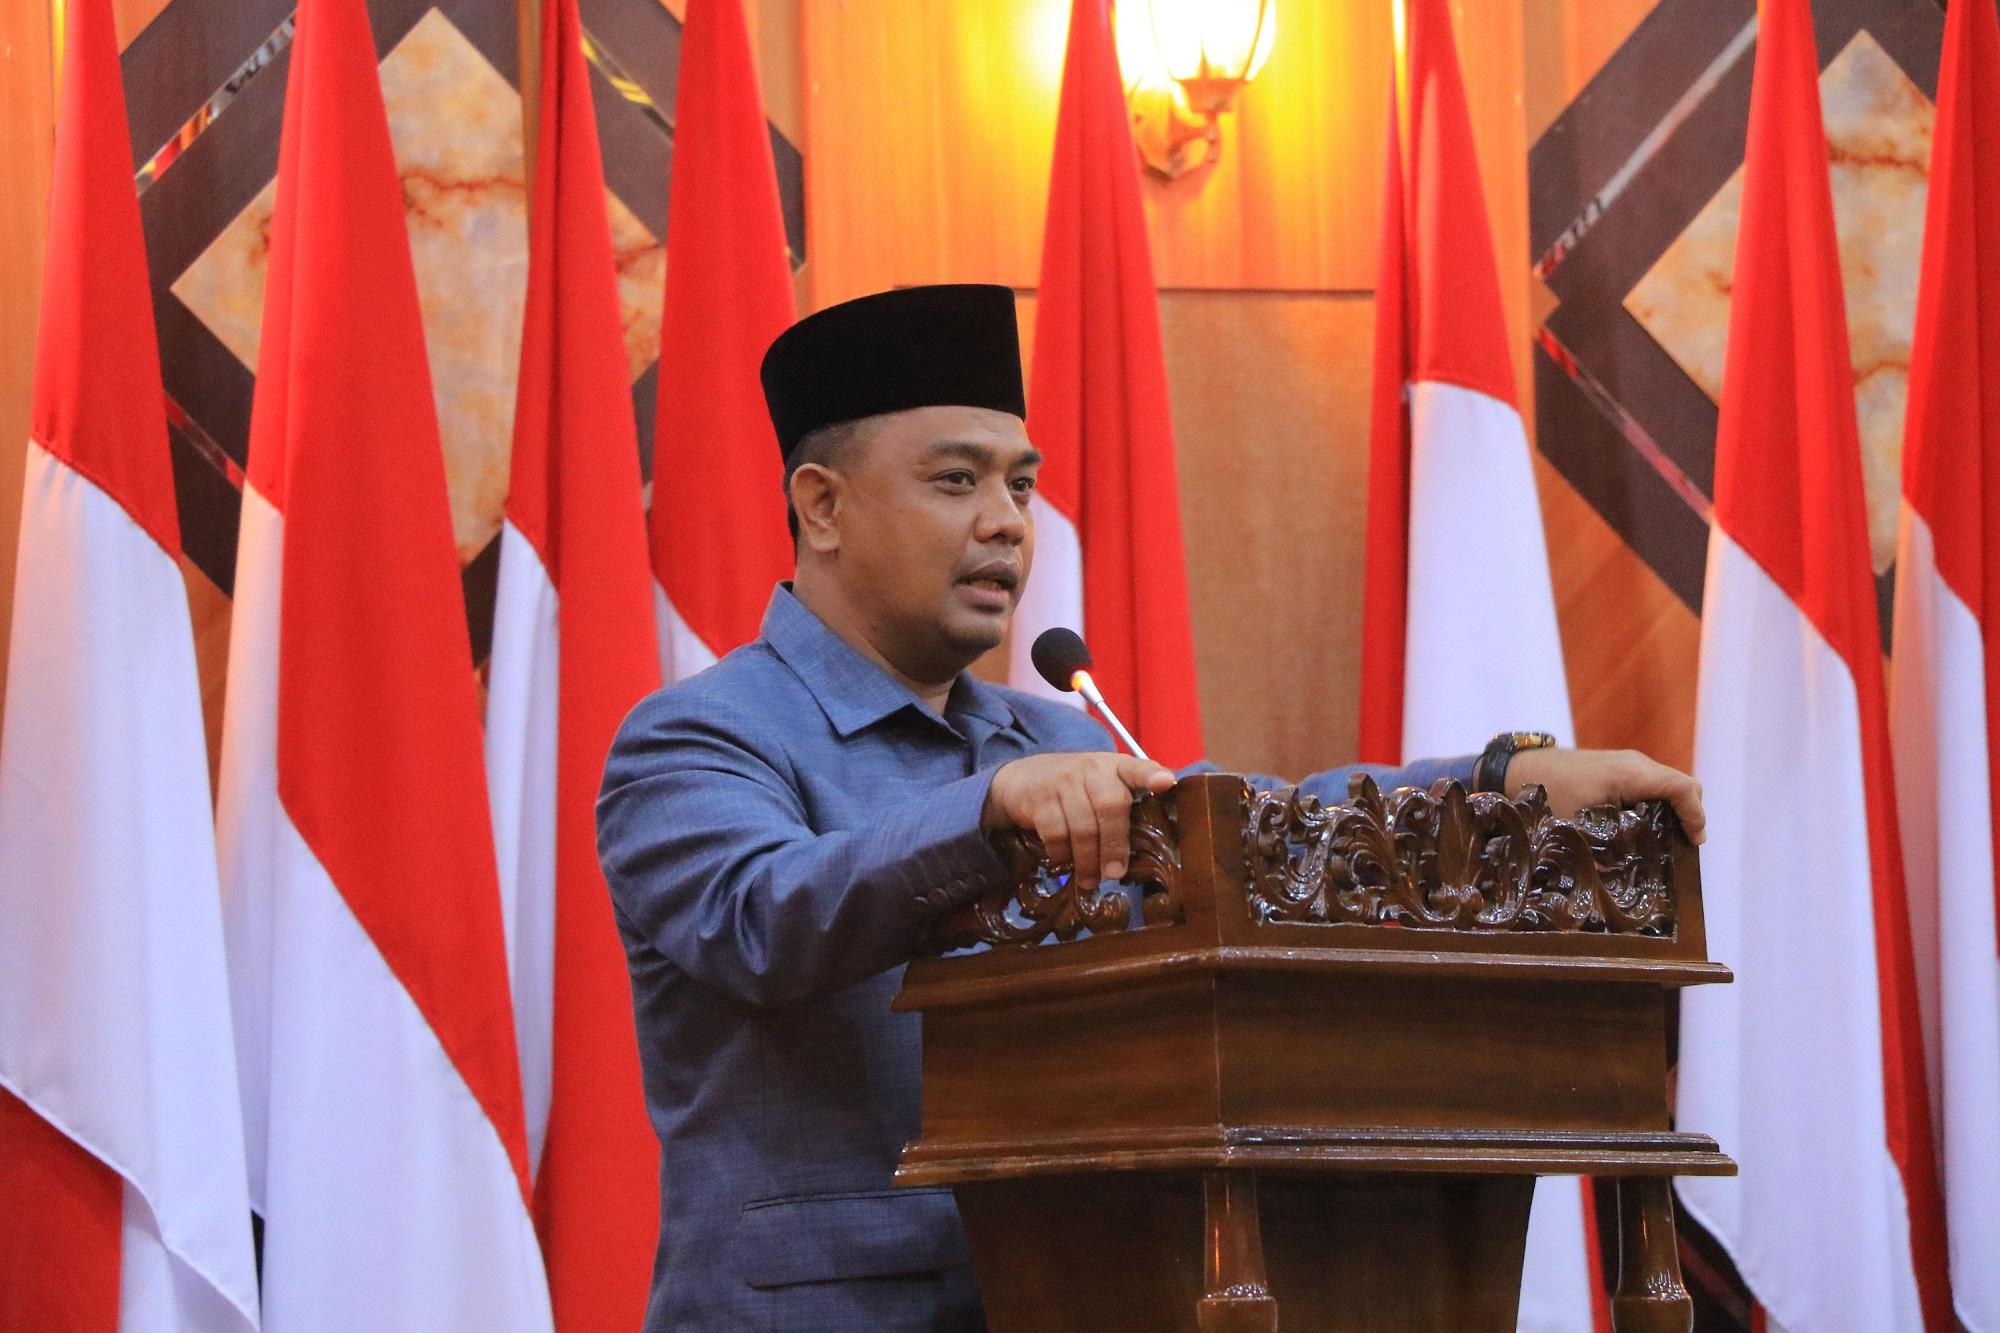 Sekretaris Daerah Kota Pekanbaru memberikan arahan kepada pejabat yang telah dilantik dan dikukuhkan.